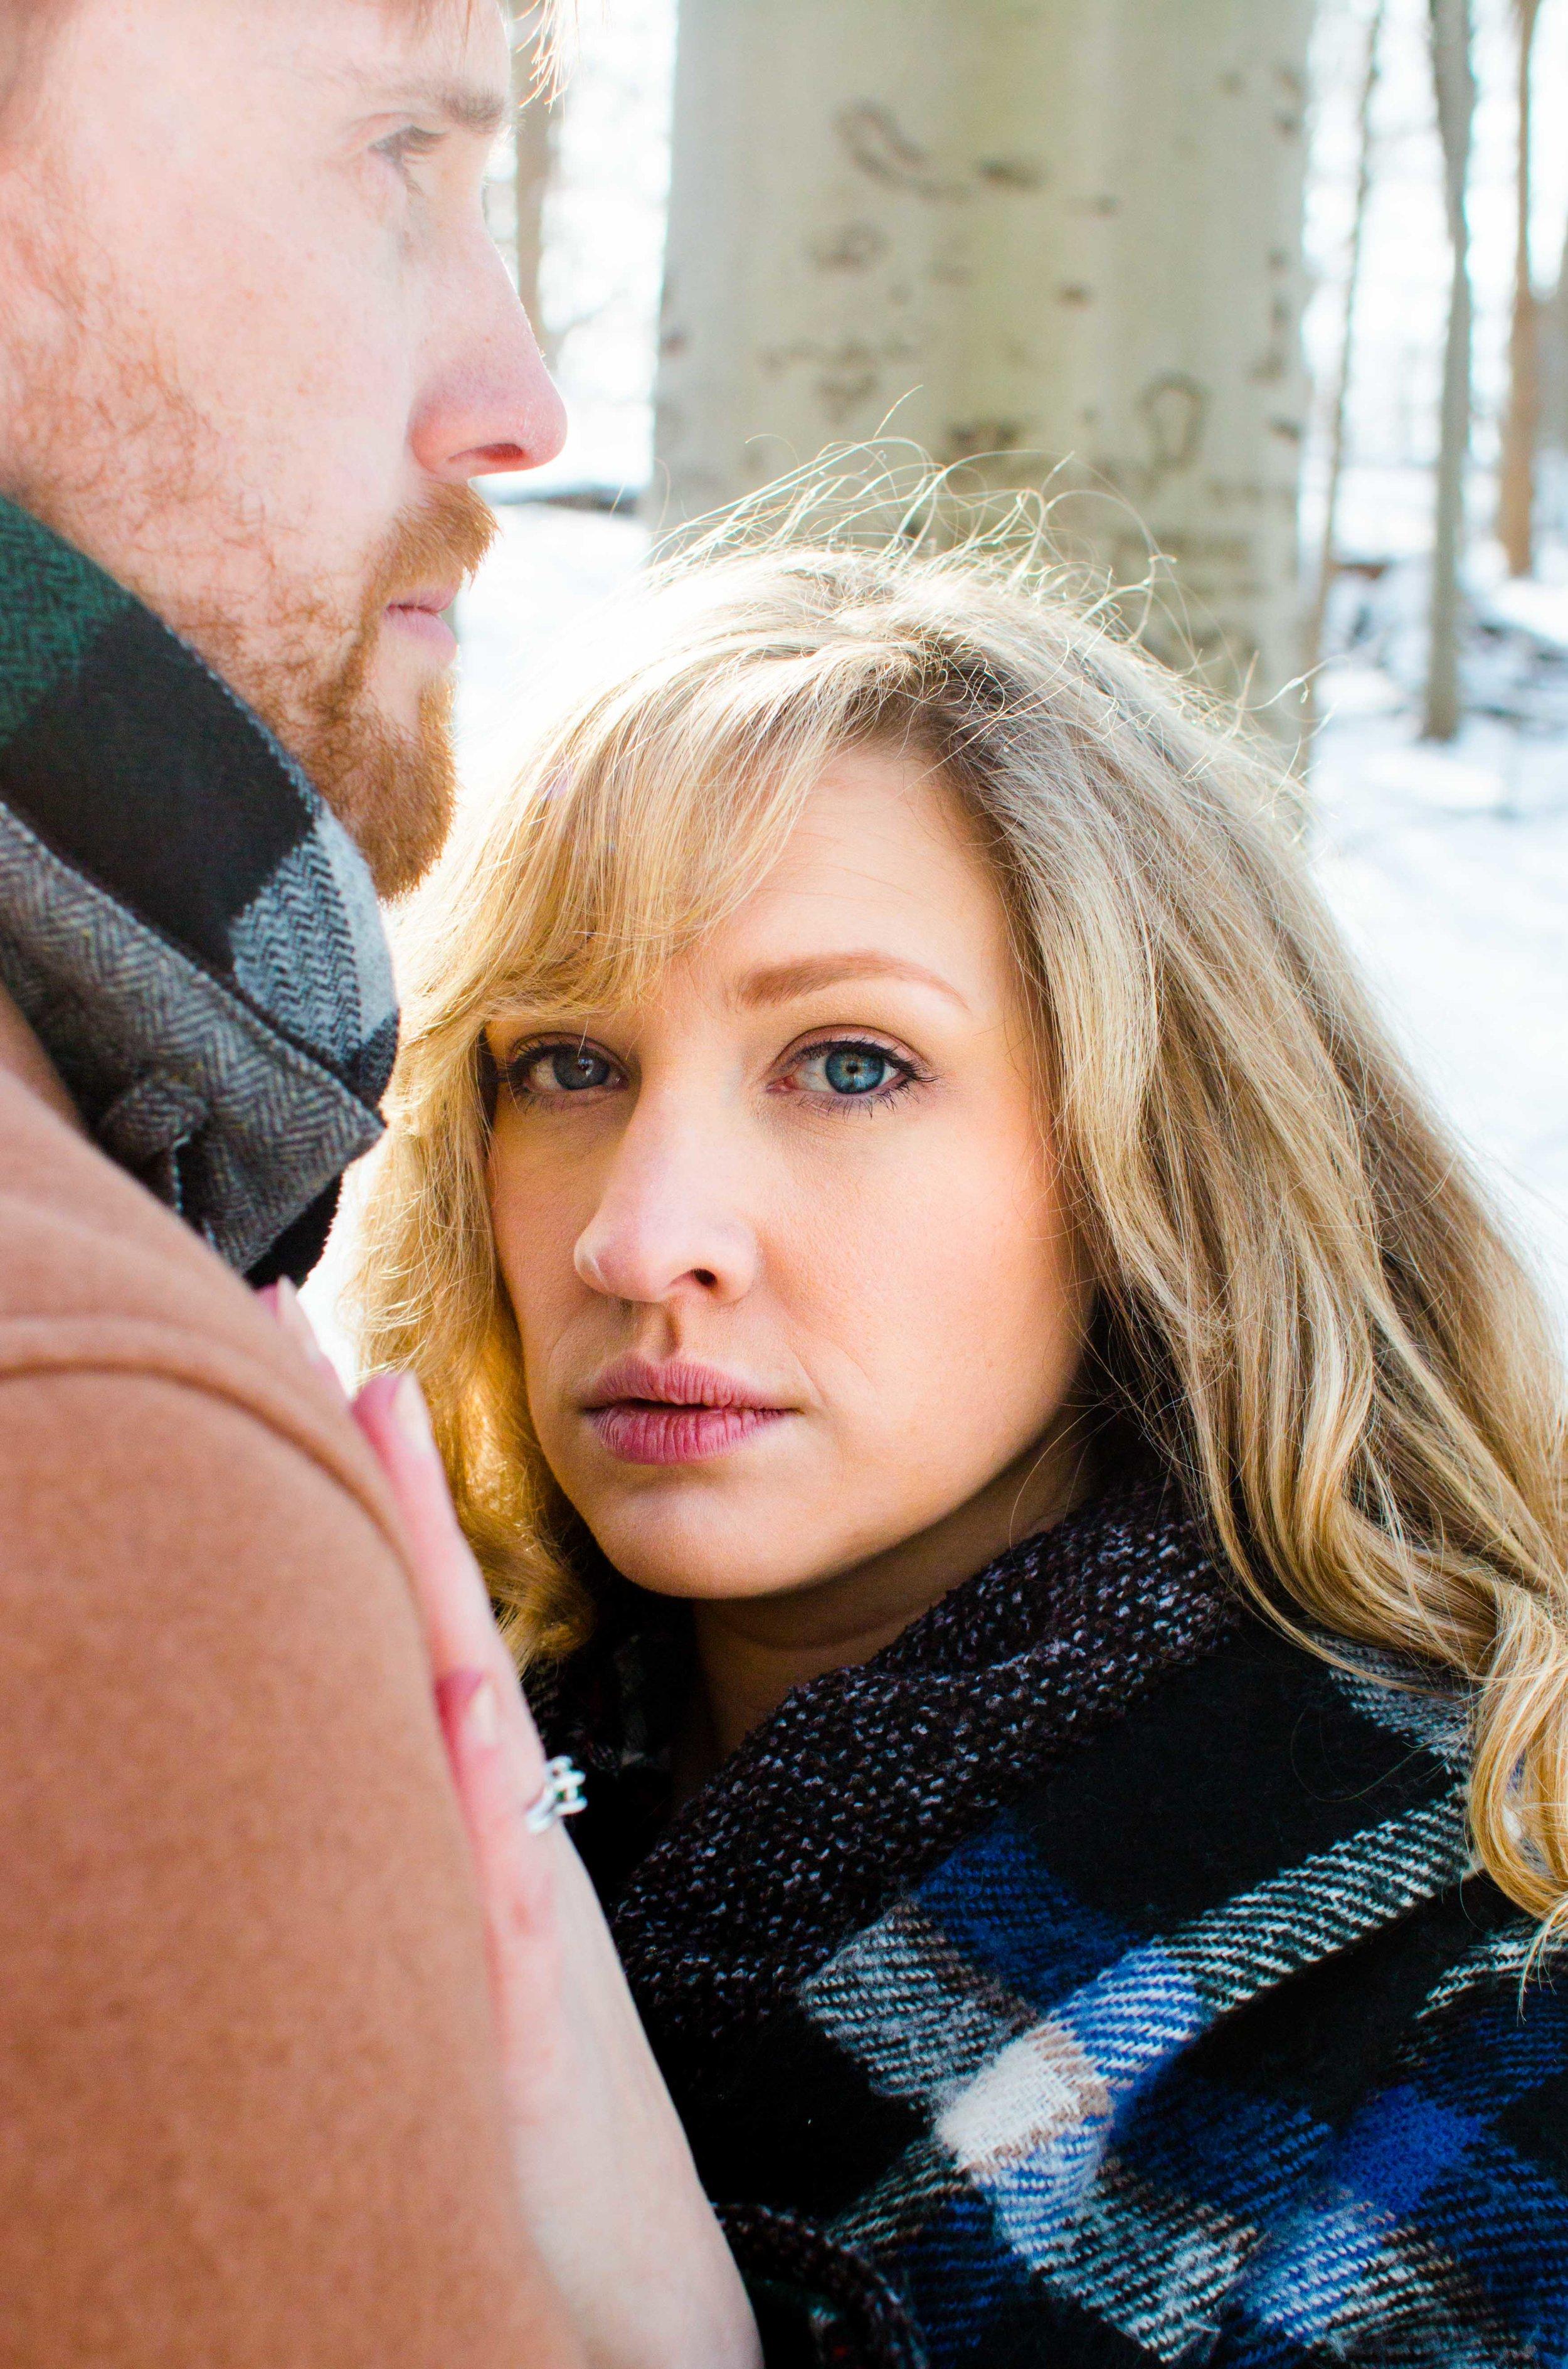 Tara & Ben_Engagement_020219_low res-1-3.jpg